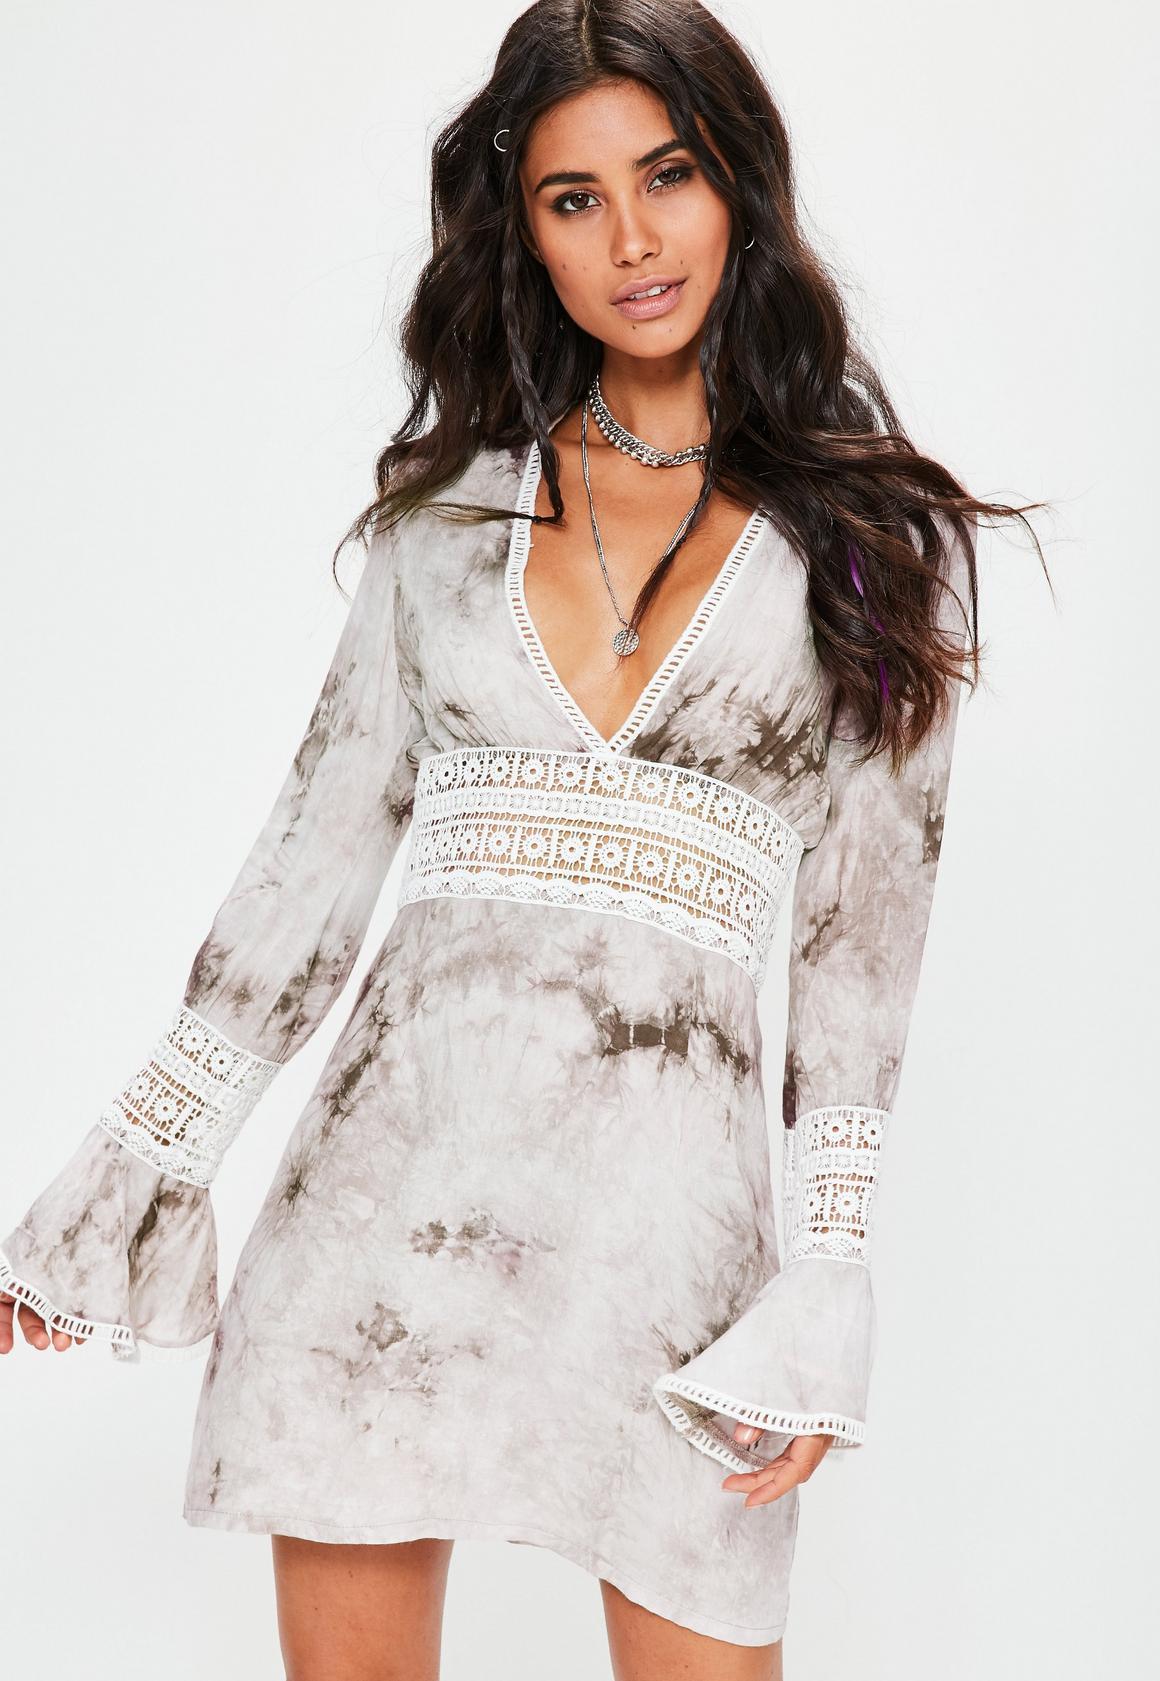 White dress crochet - White Crochet Detail Flared Sleeve Swing Dress Previous Next